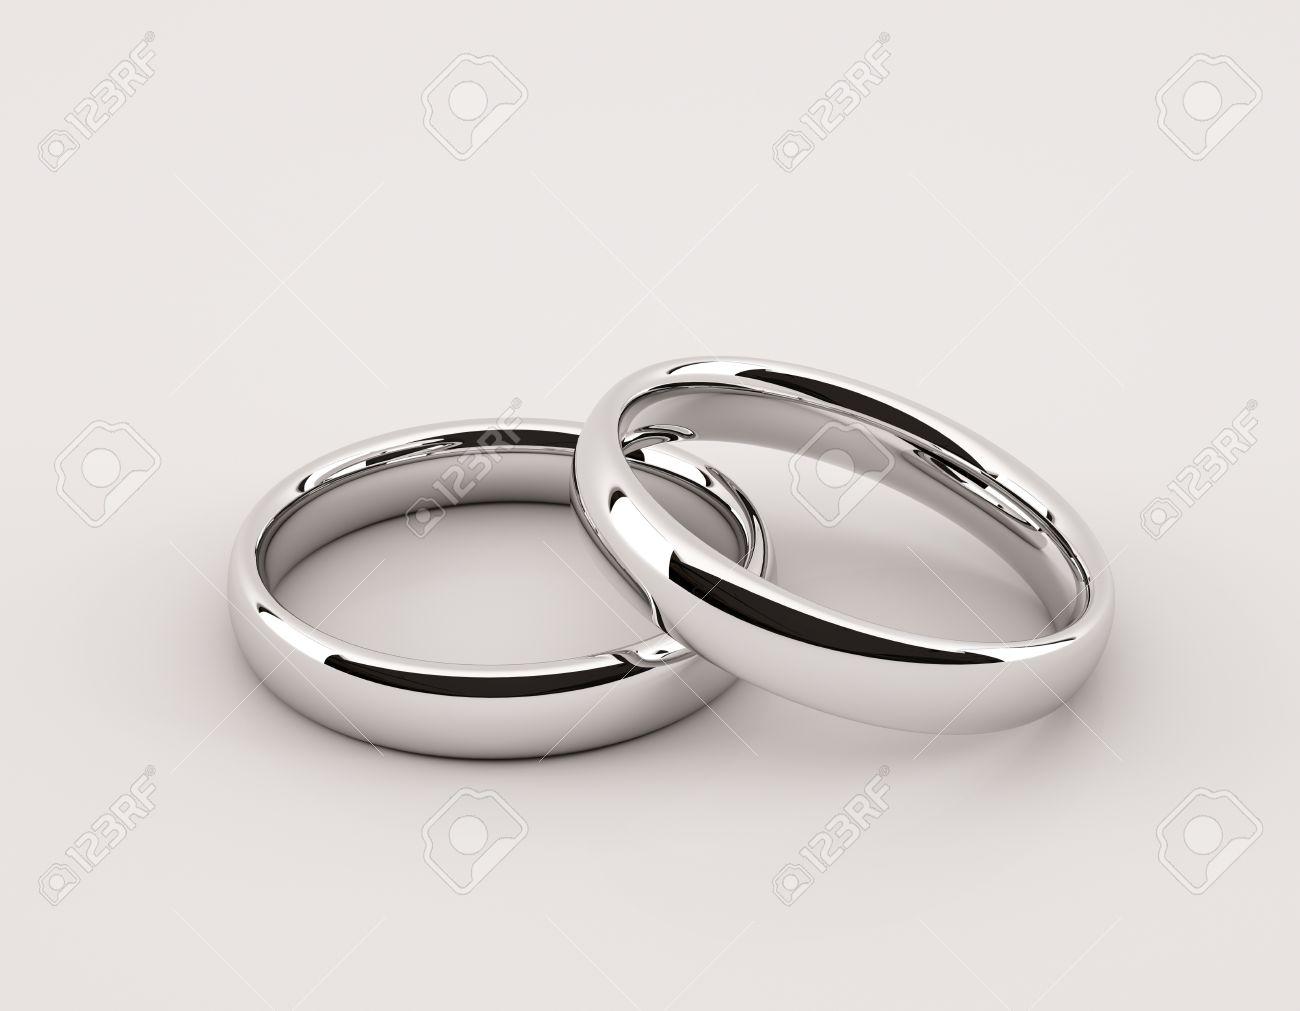 Zwei Silberne Ringe Fur Die Hochzeit Oder Verlobung Auf Dem Grauen